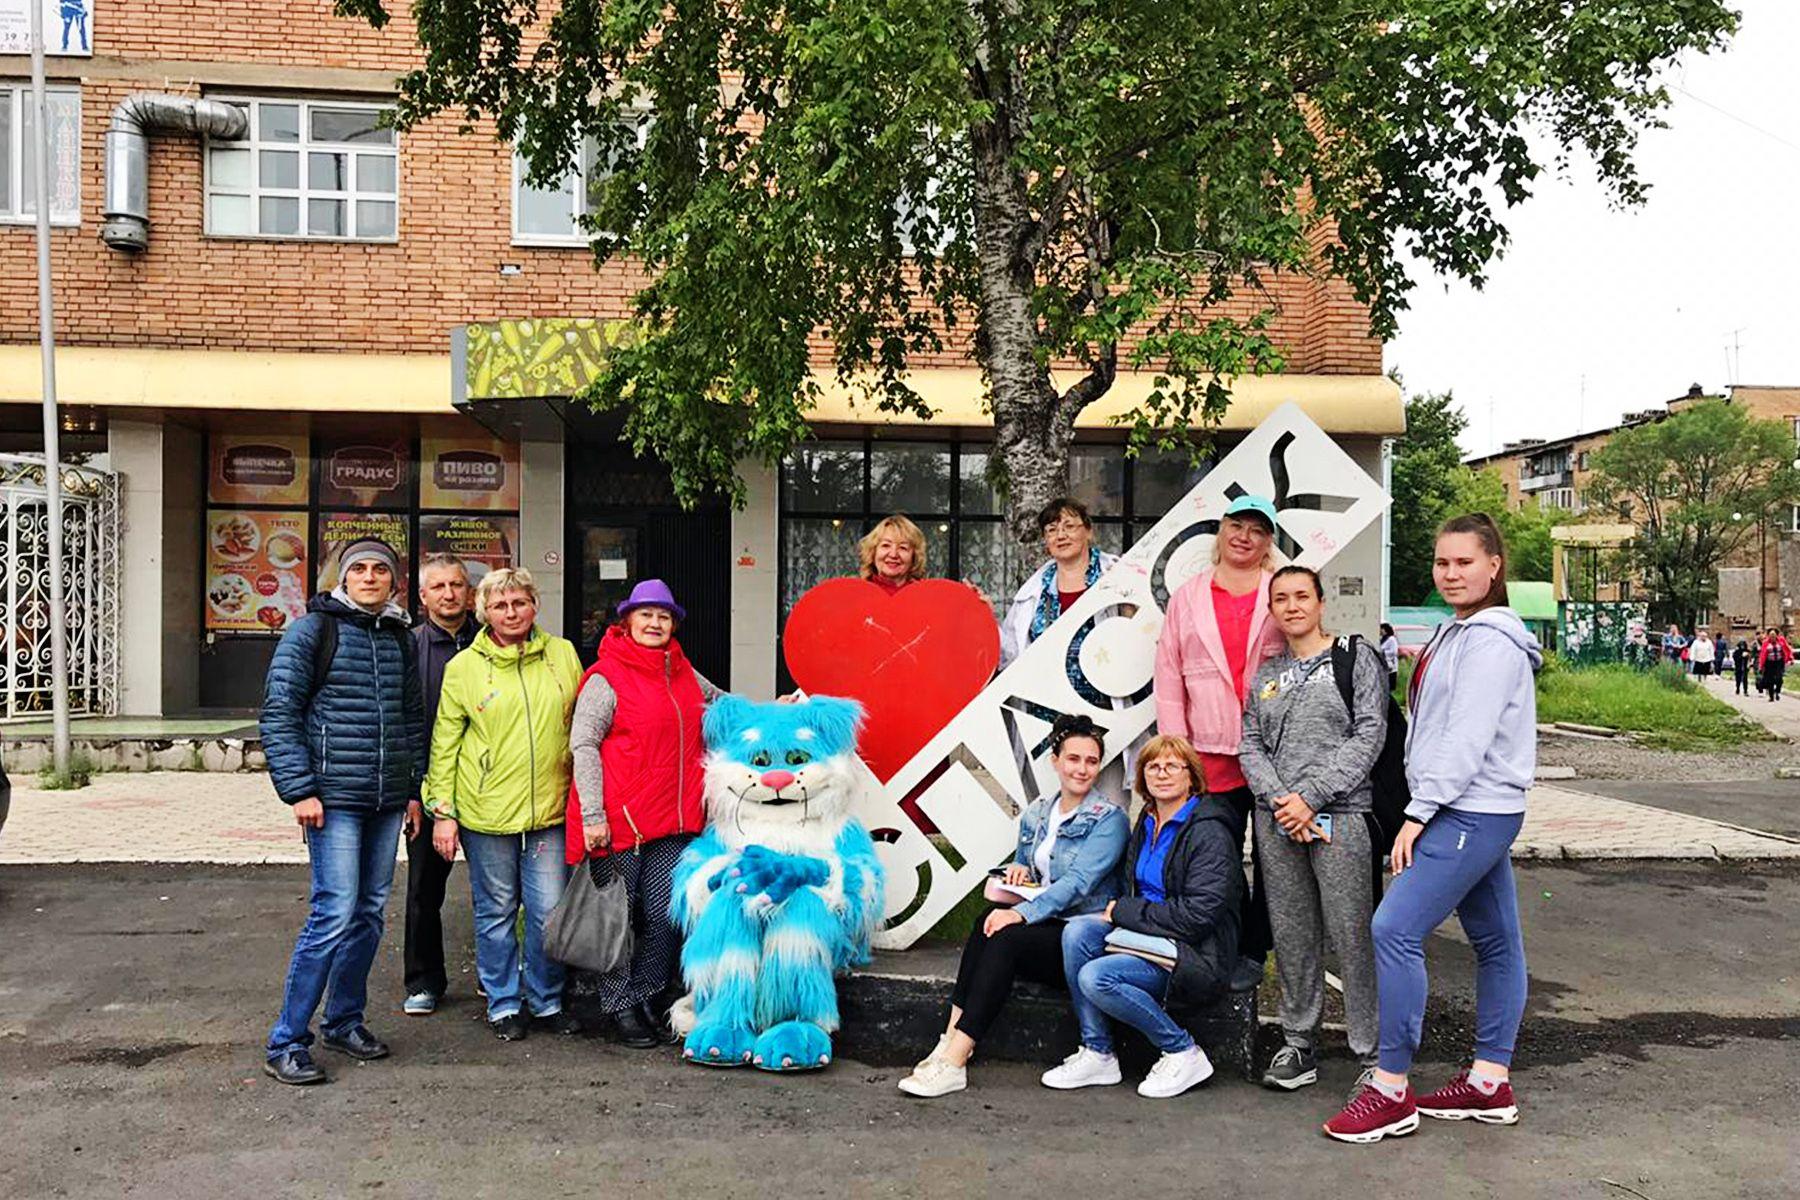 Познавательный выходной сотрудников ВГУЭС: поездка по достопримечательностям Спасска-Дальнего и на «Фестиваль клубники»